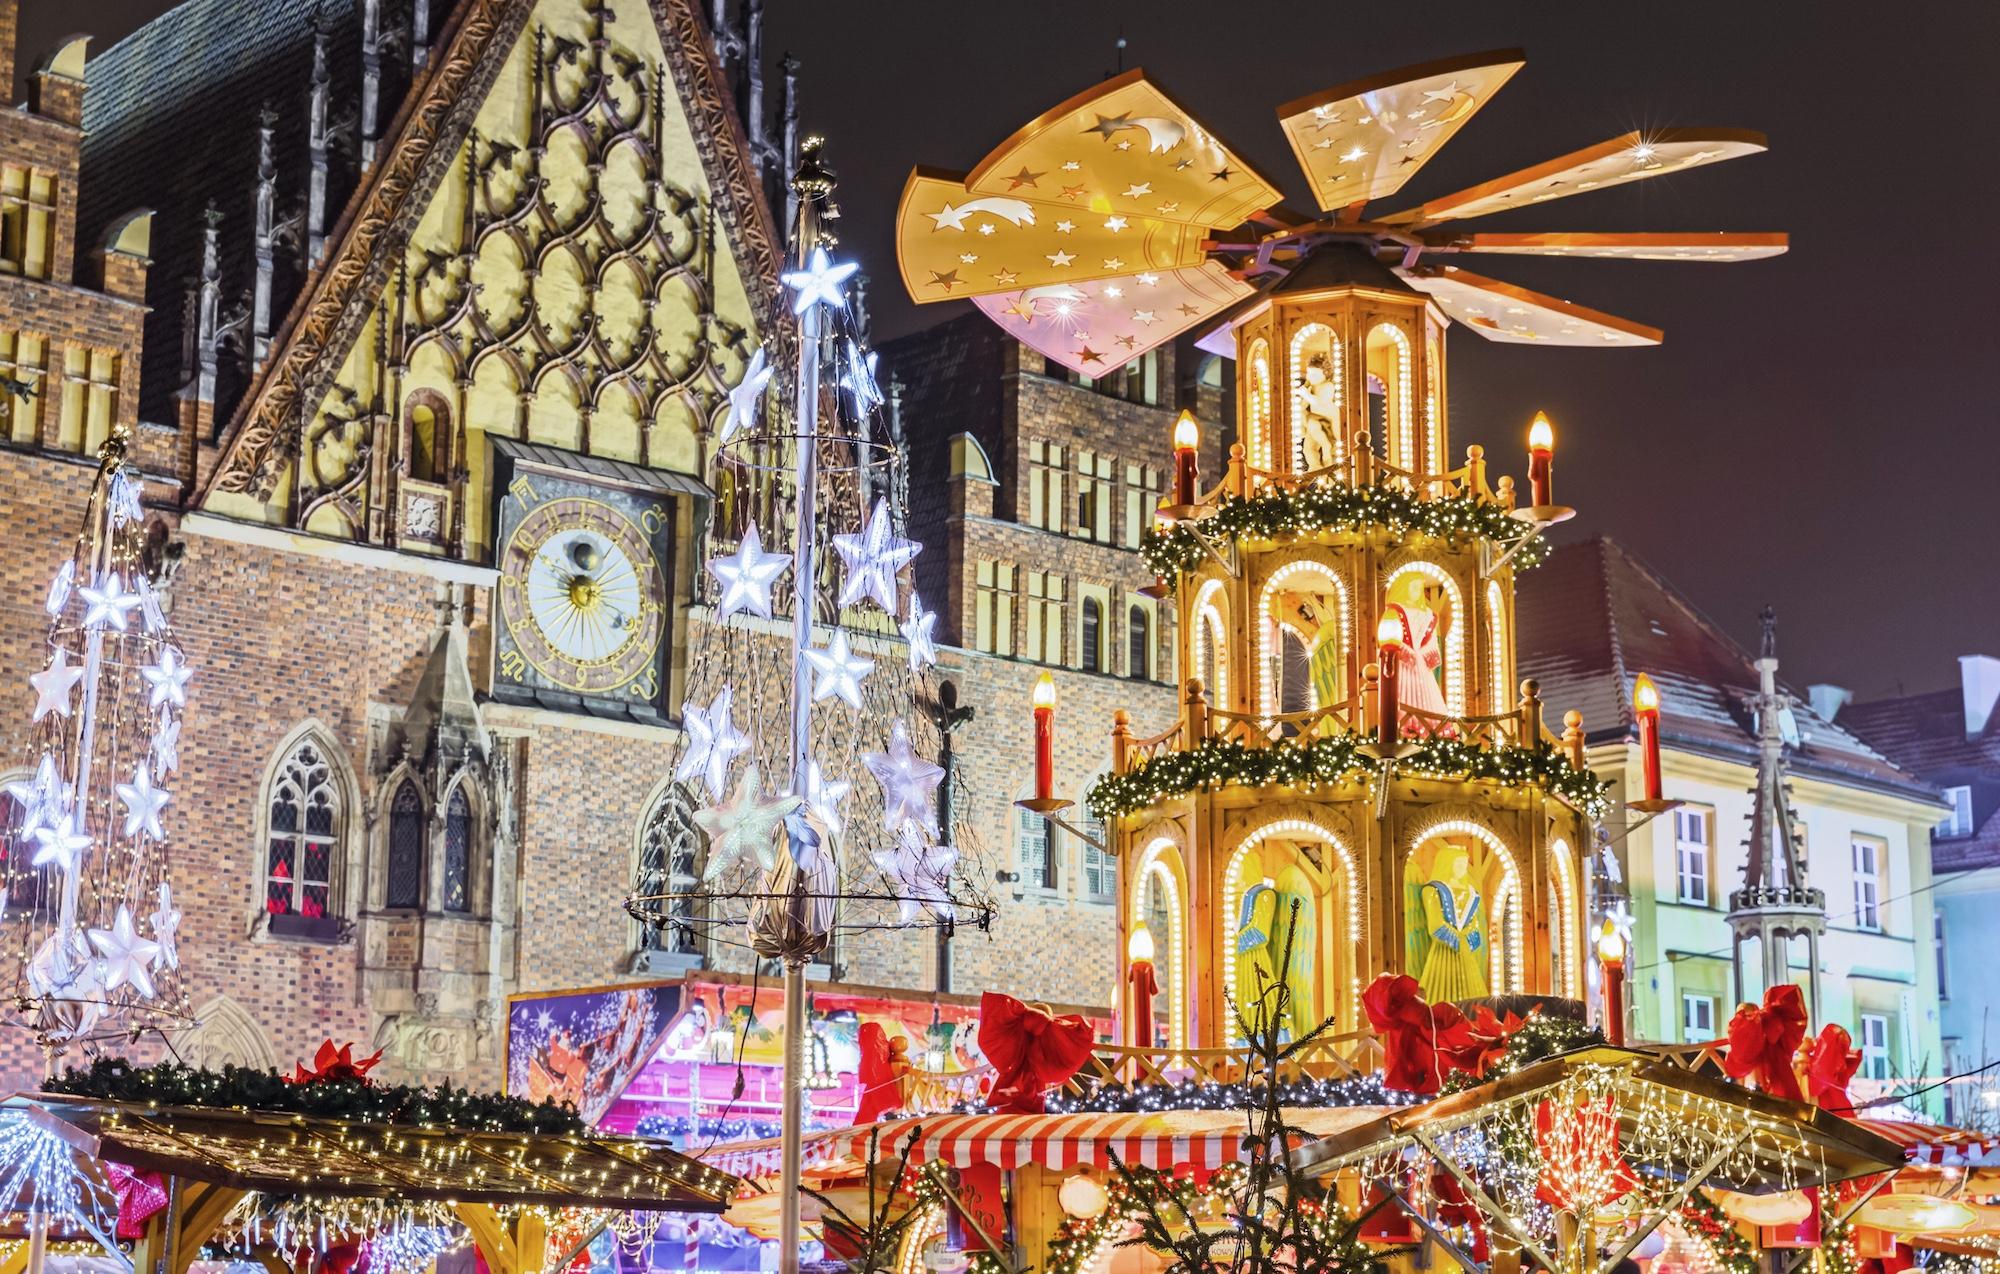 jarmarki bożonarodzeniowe w Polsce